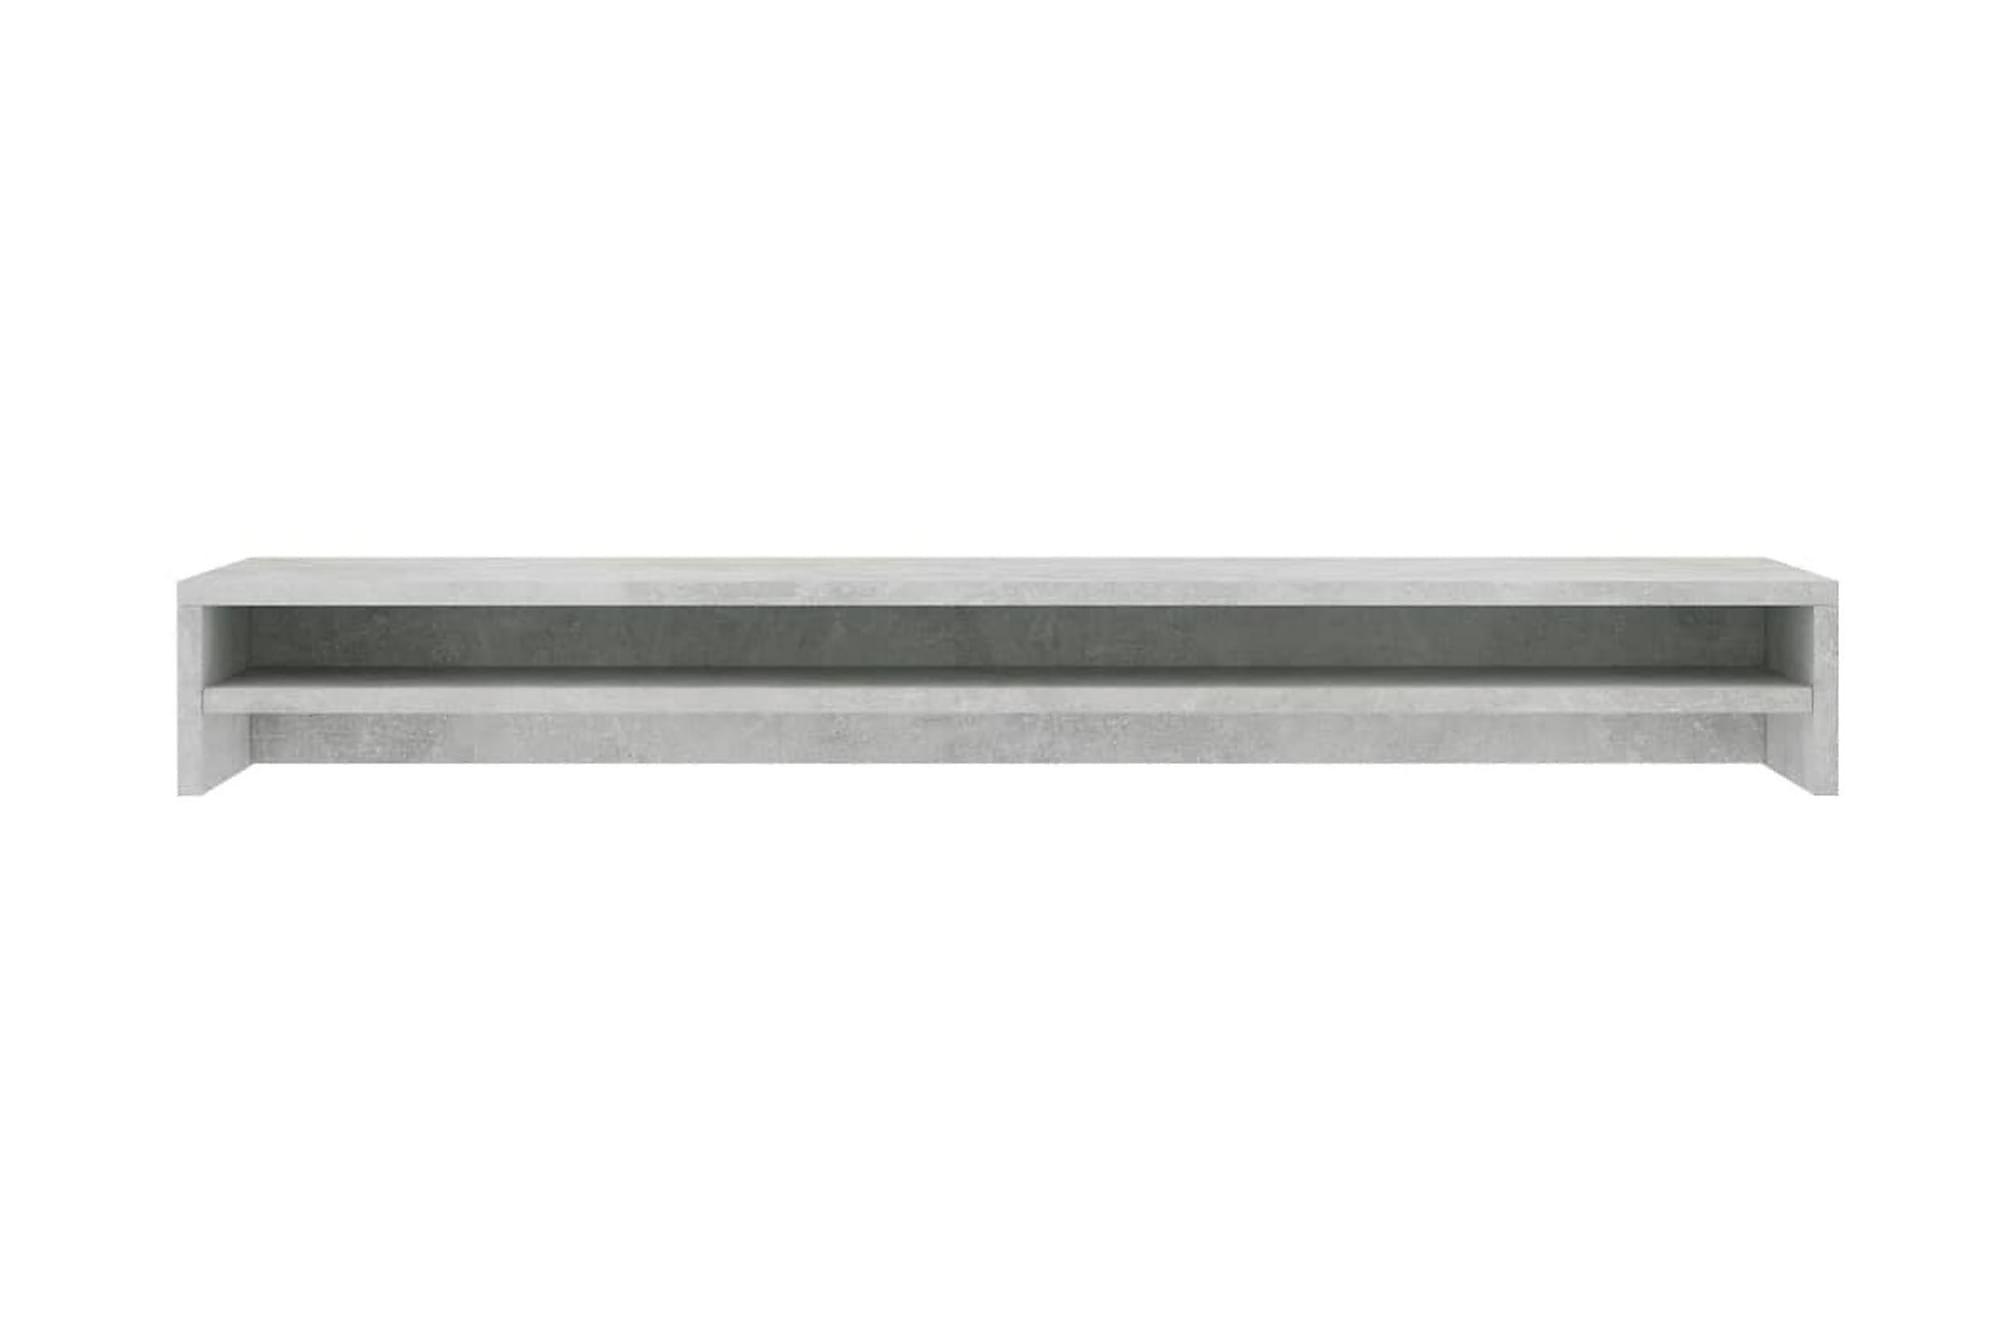 Skärmställ betonggrå 100x24x13 cm spånskiva, Tv-väggfästen